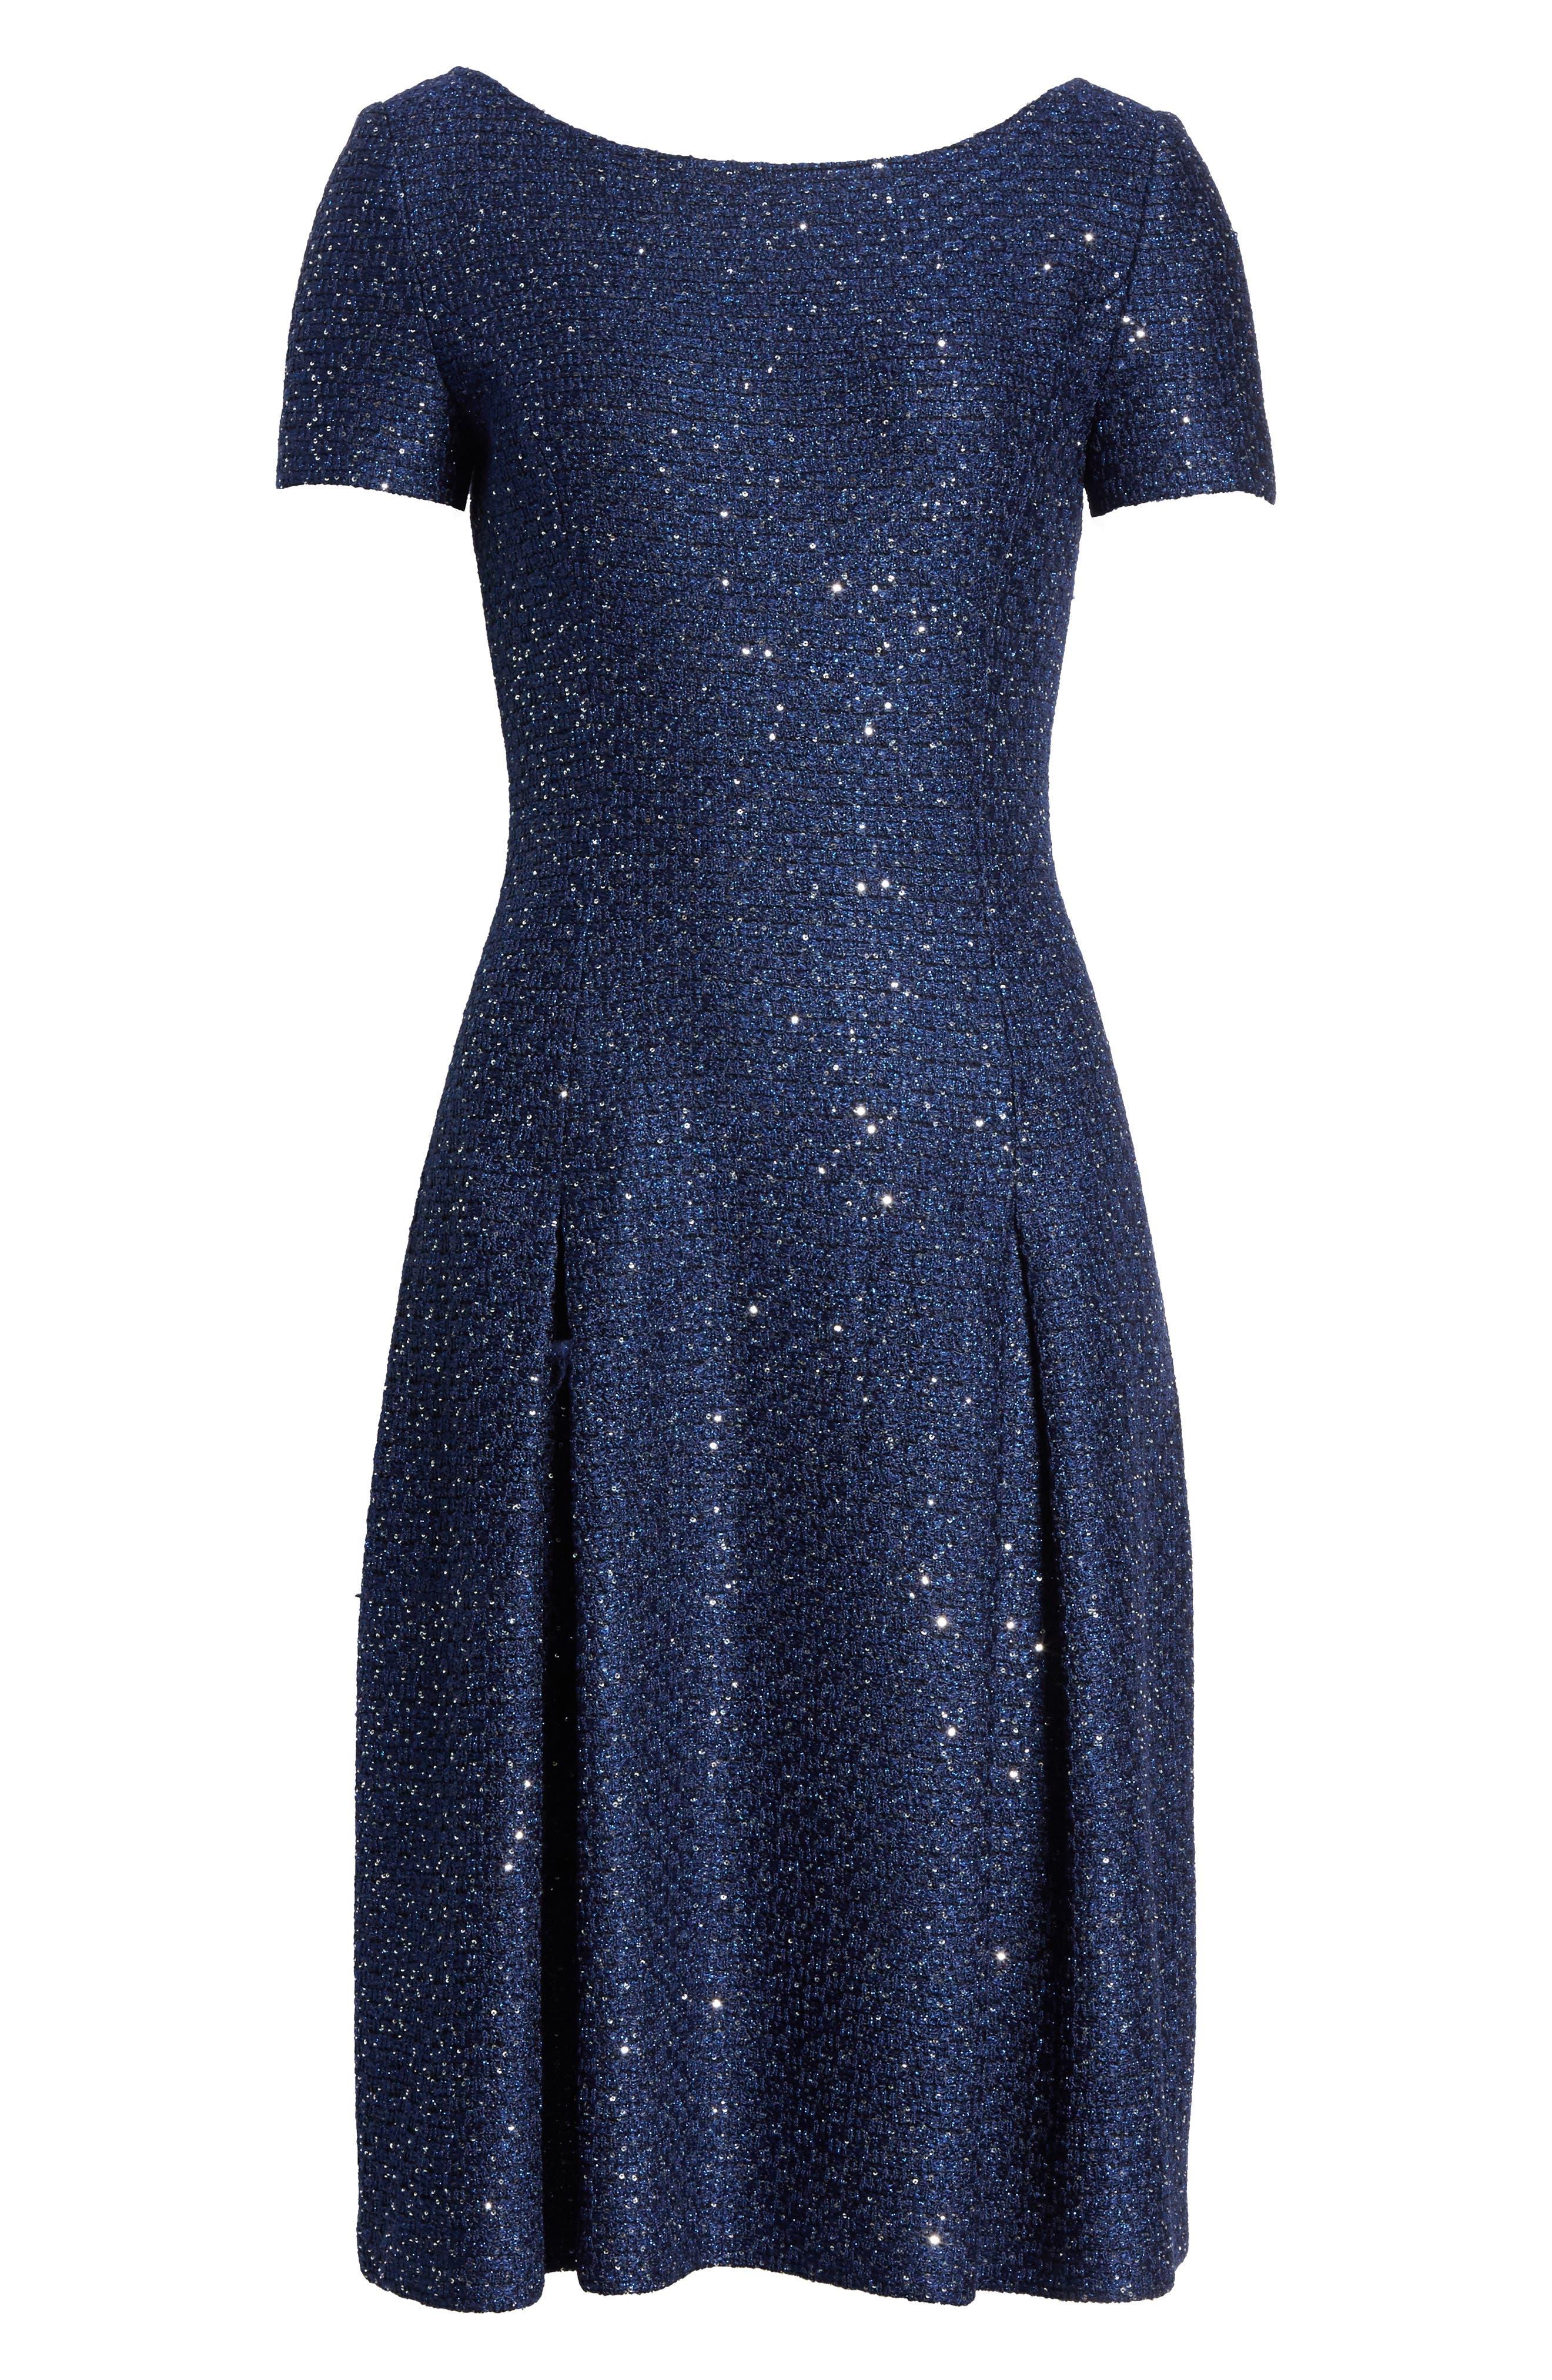 Sparkle Sequin Knit Fit & Flare Dress,                             Alternate thumbnail 6, color,                             410